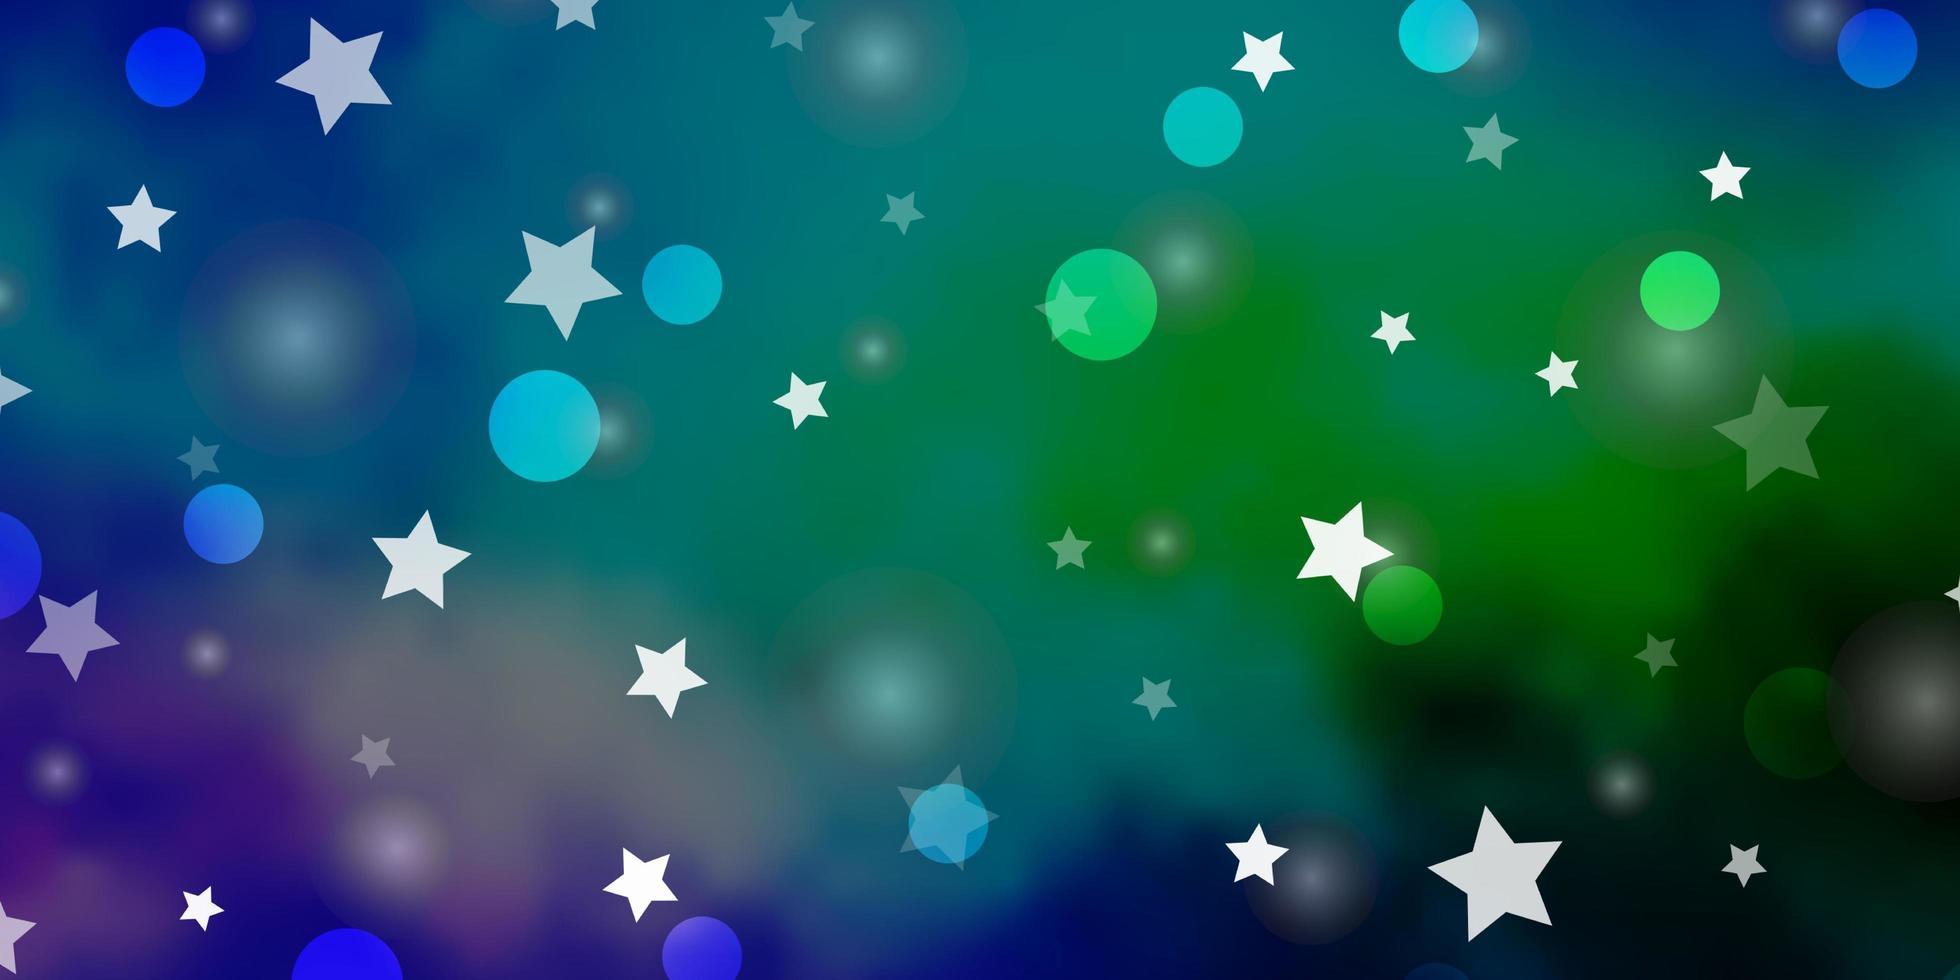 blauw en groen patroon met cirkels en sterren. vector